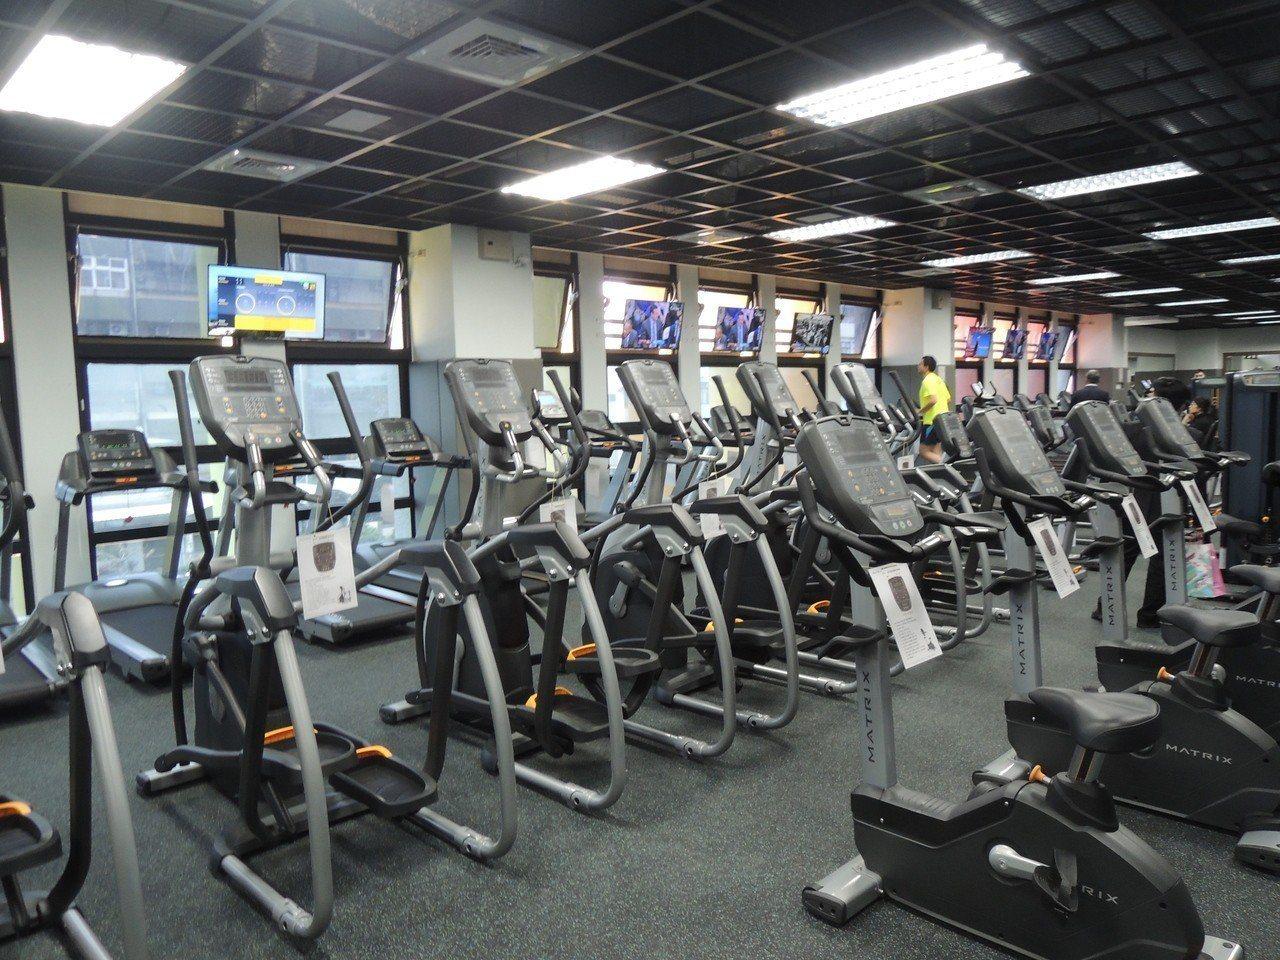 「竹光國民運動中心」也有不少健身設備。記者郭宣彣/攝影